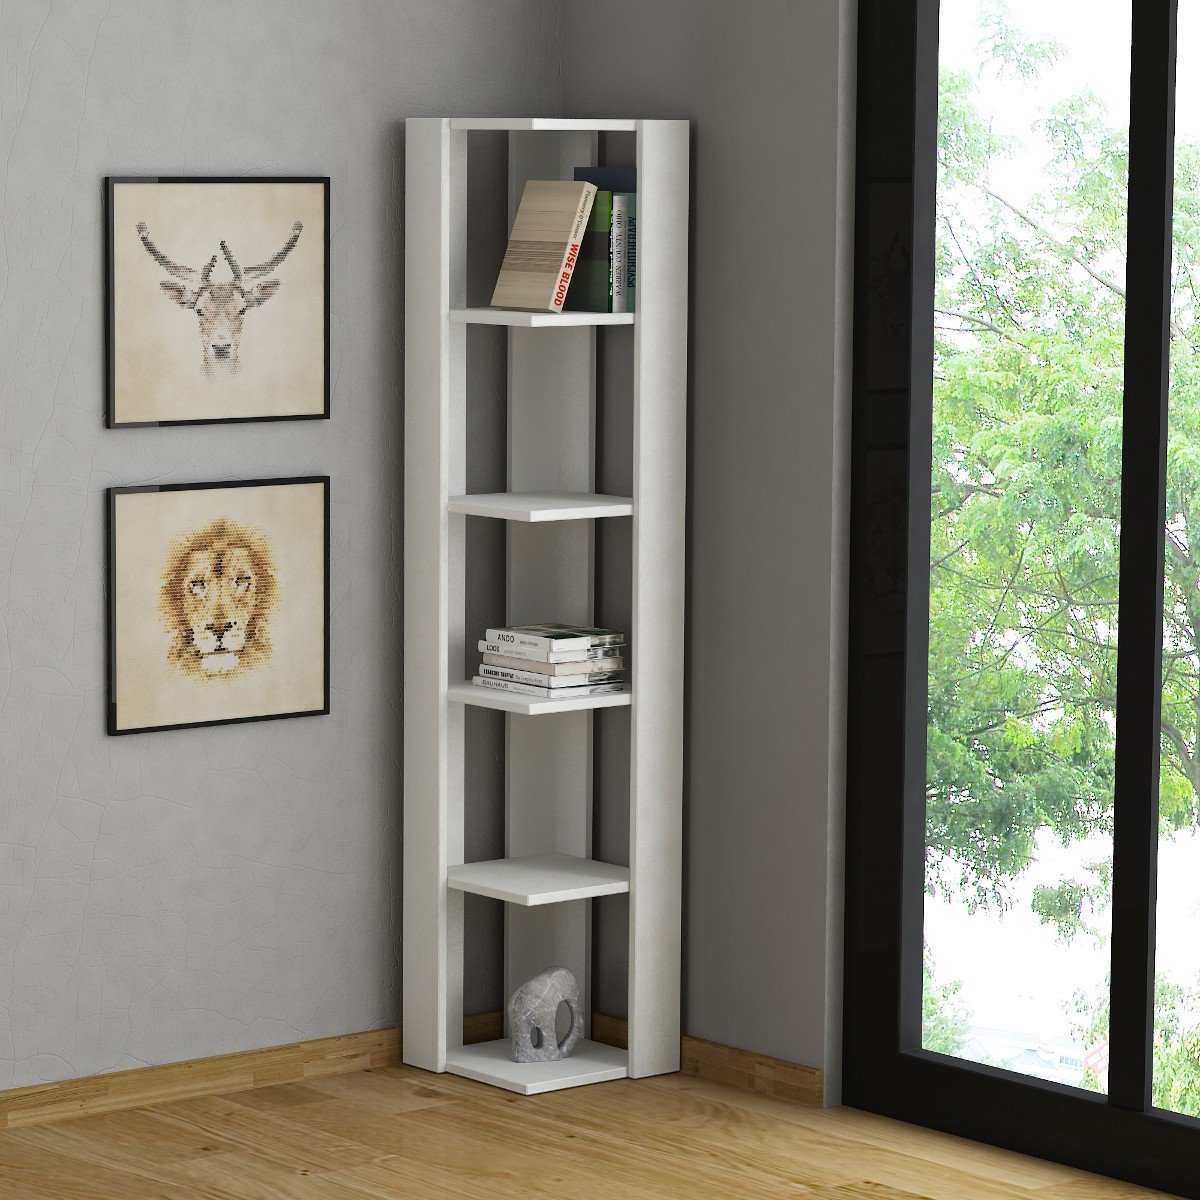 Mensole Librerie Moderne.Librerie Design On Twitter Tante Novita Per Le Librerie E